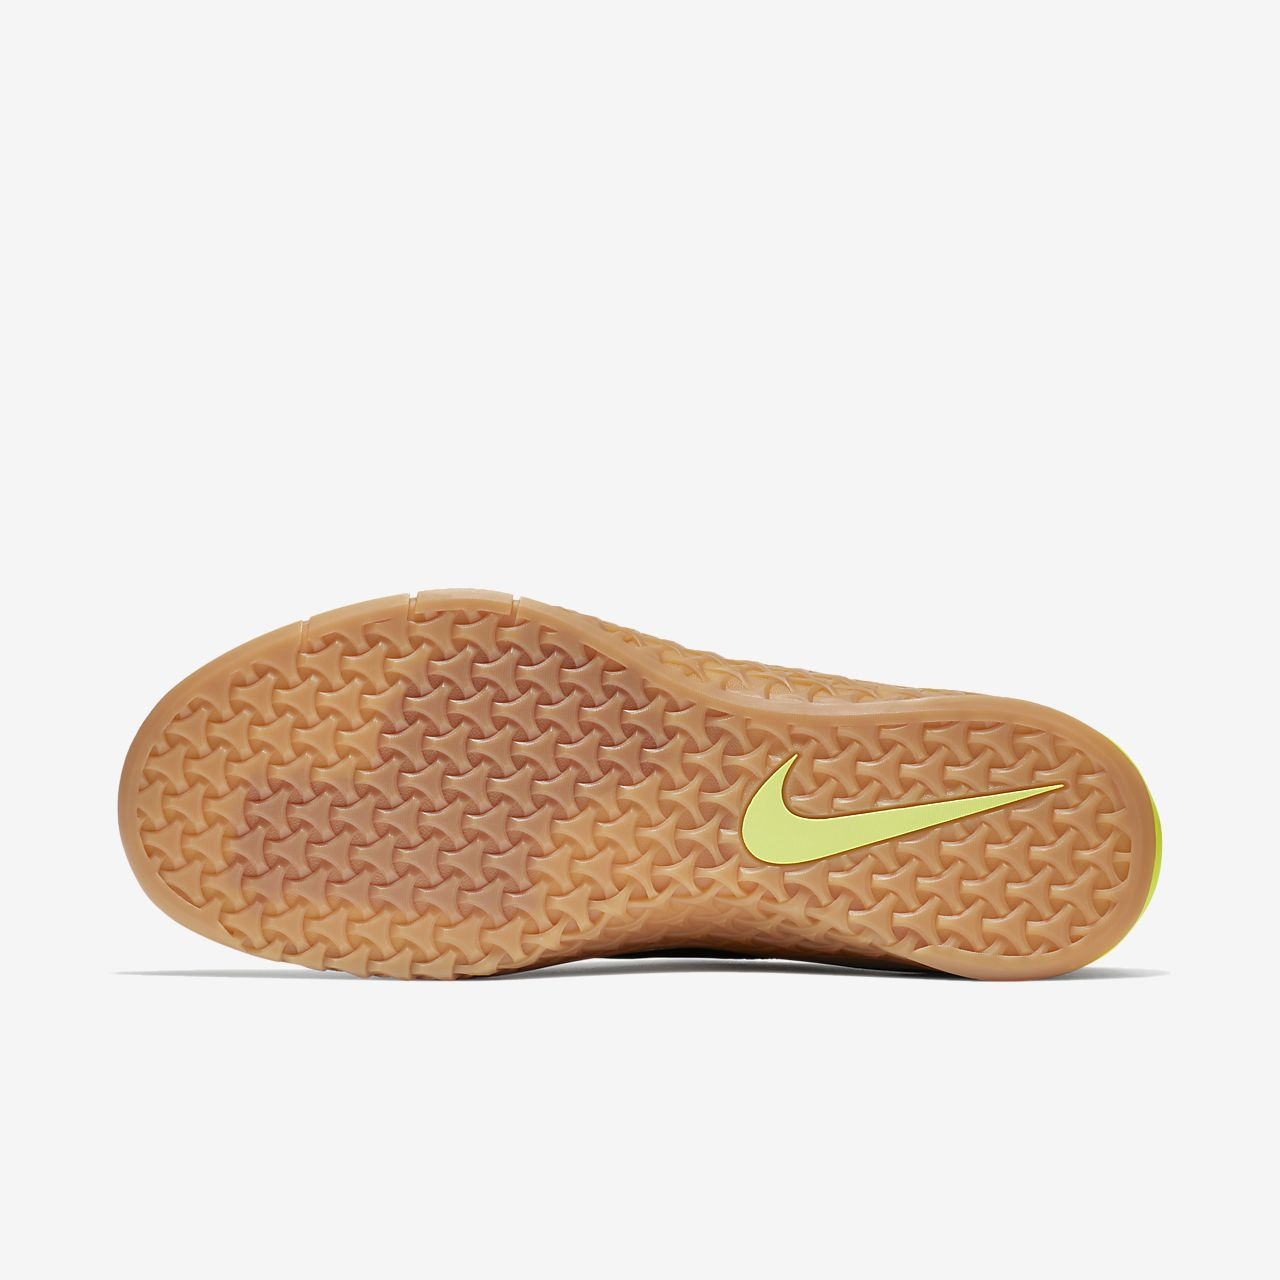 chaussure de cross training et de renforcement musculaire nike metcon 4 pour homme lu. Black Bedroom Furniture Sets. Home Design Ideas